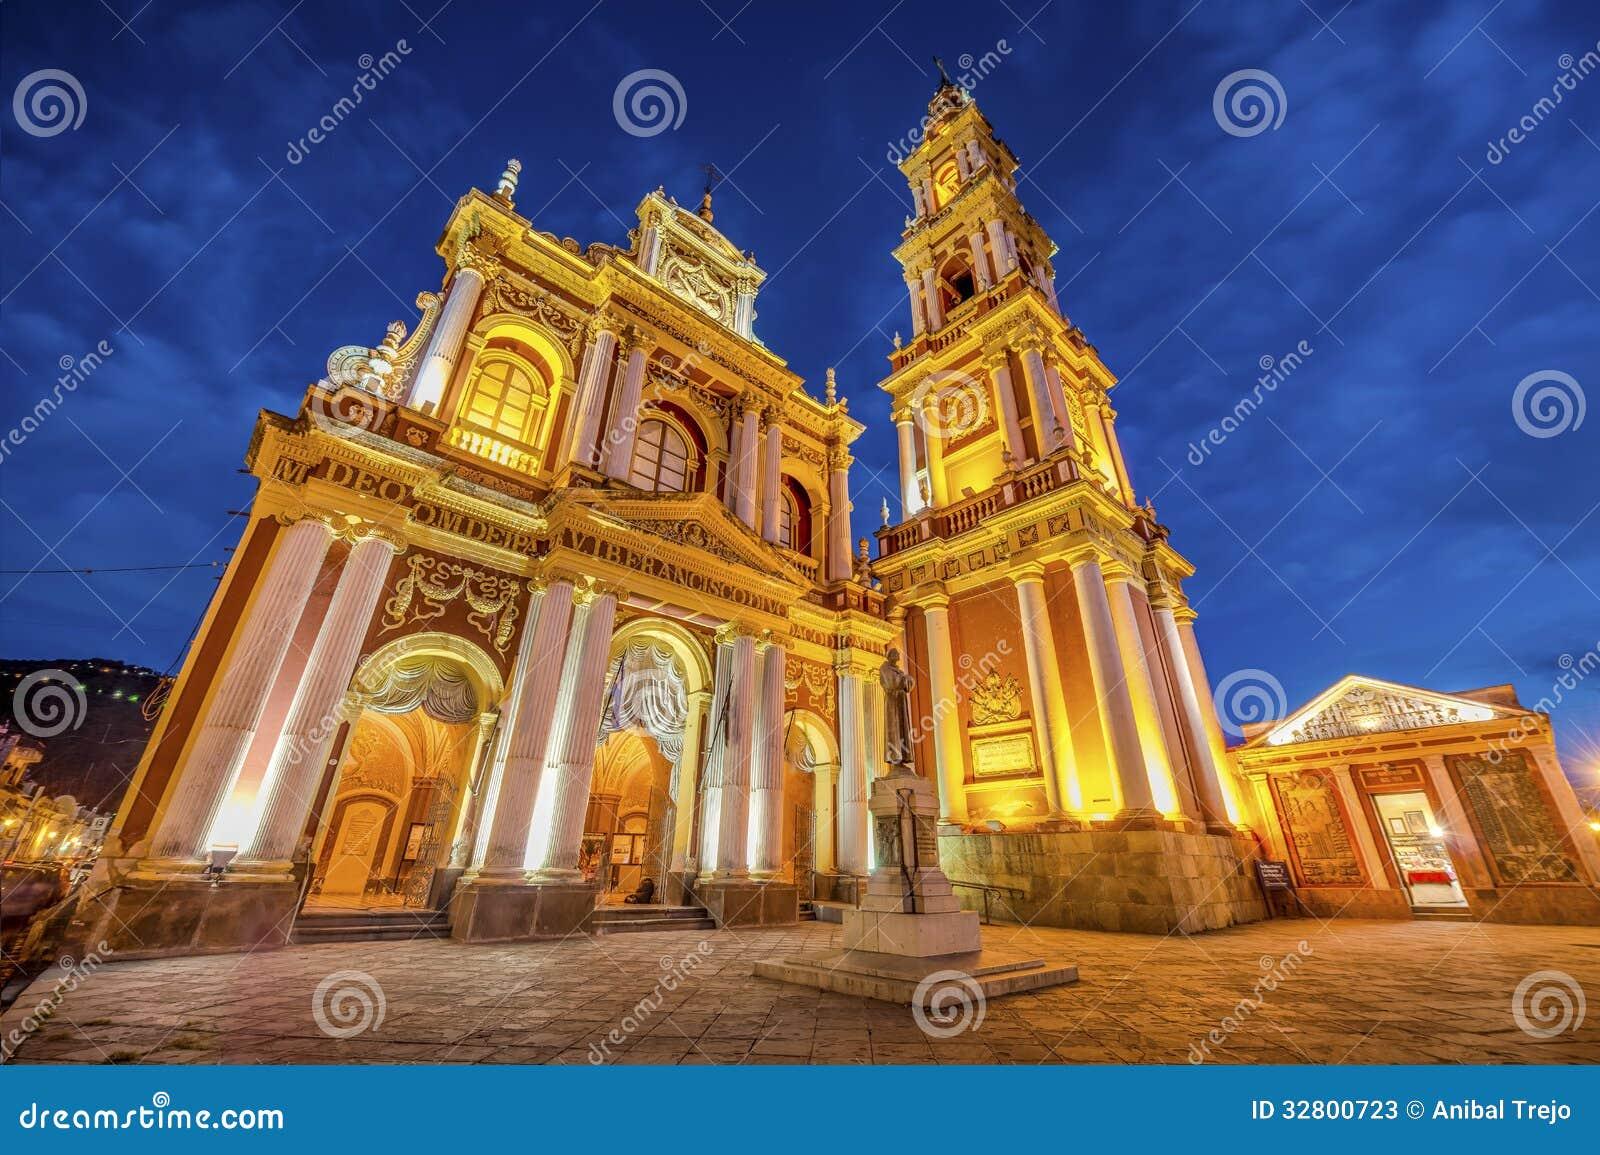 San Francisco en la ciudad de Salta, la Argentina